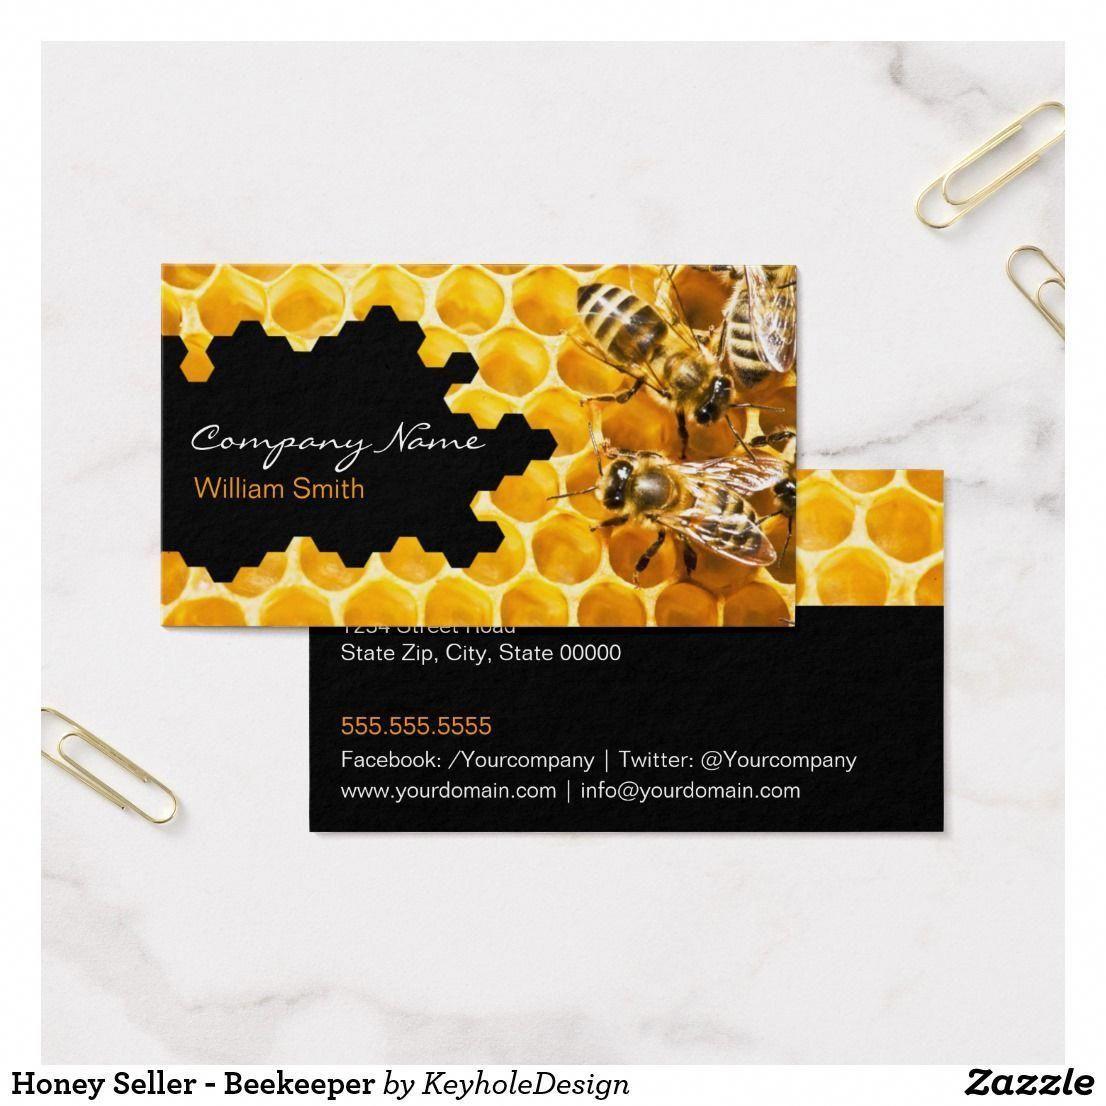 Honey Seller Beekeeper Business Card beekeepingbusiness